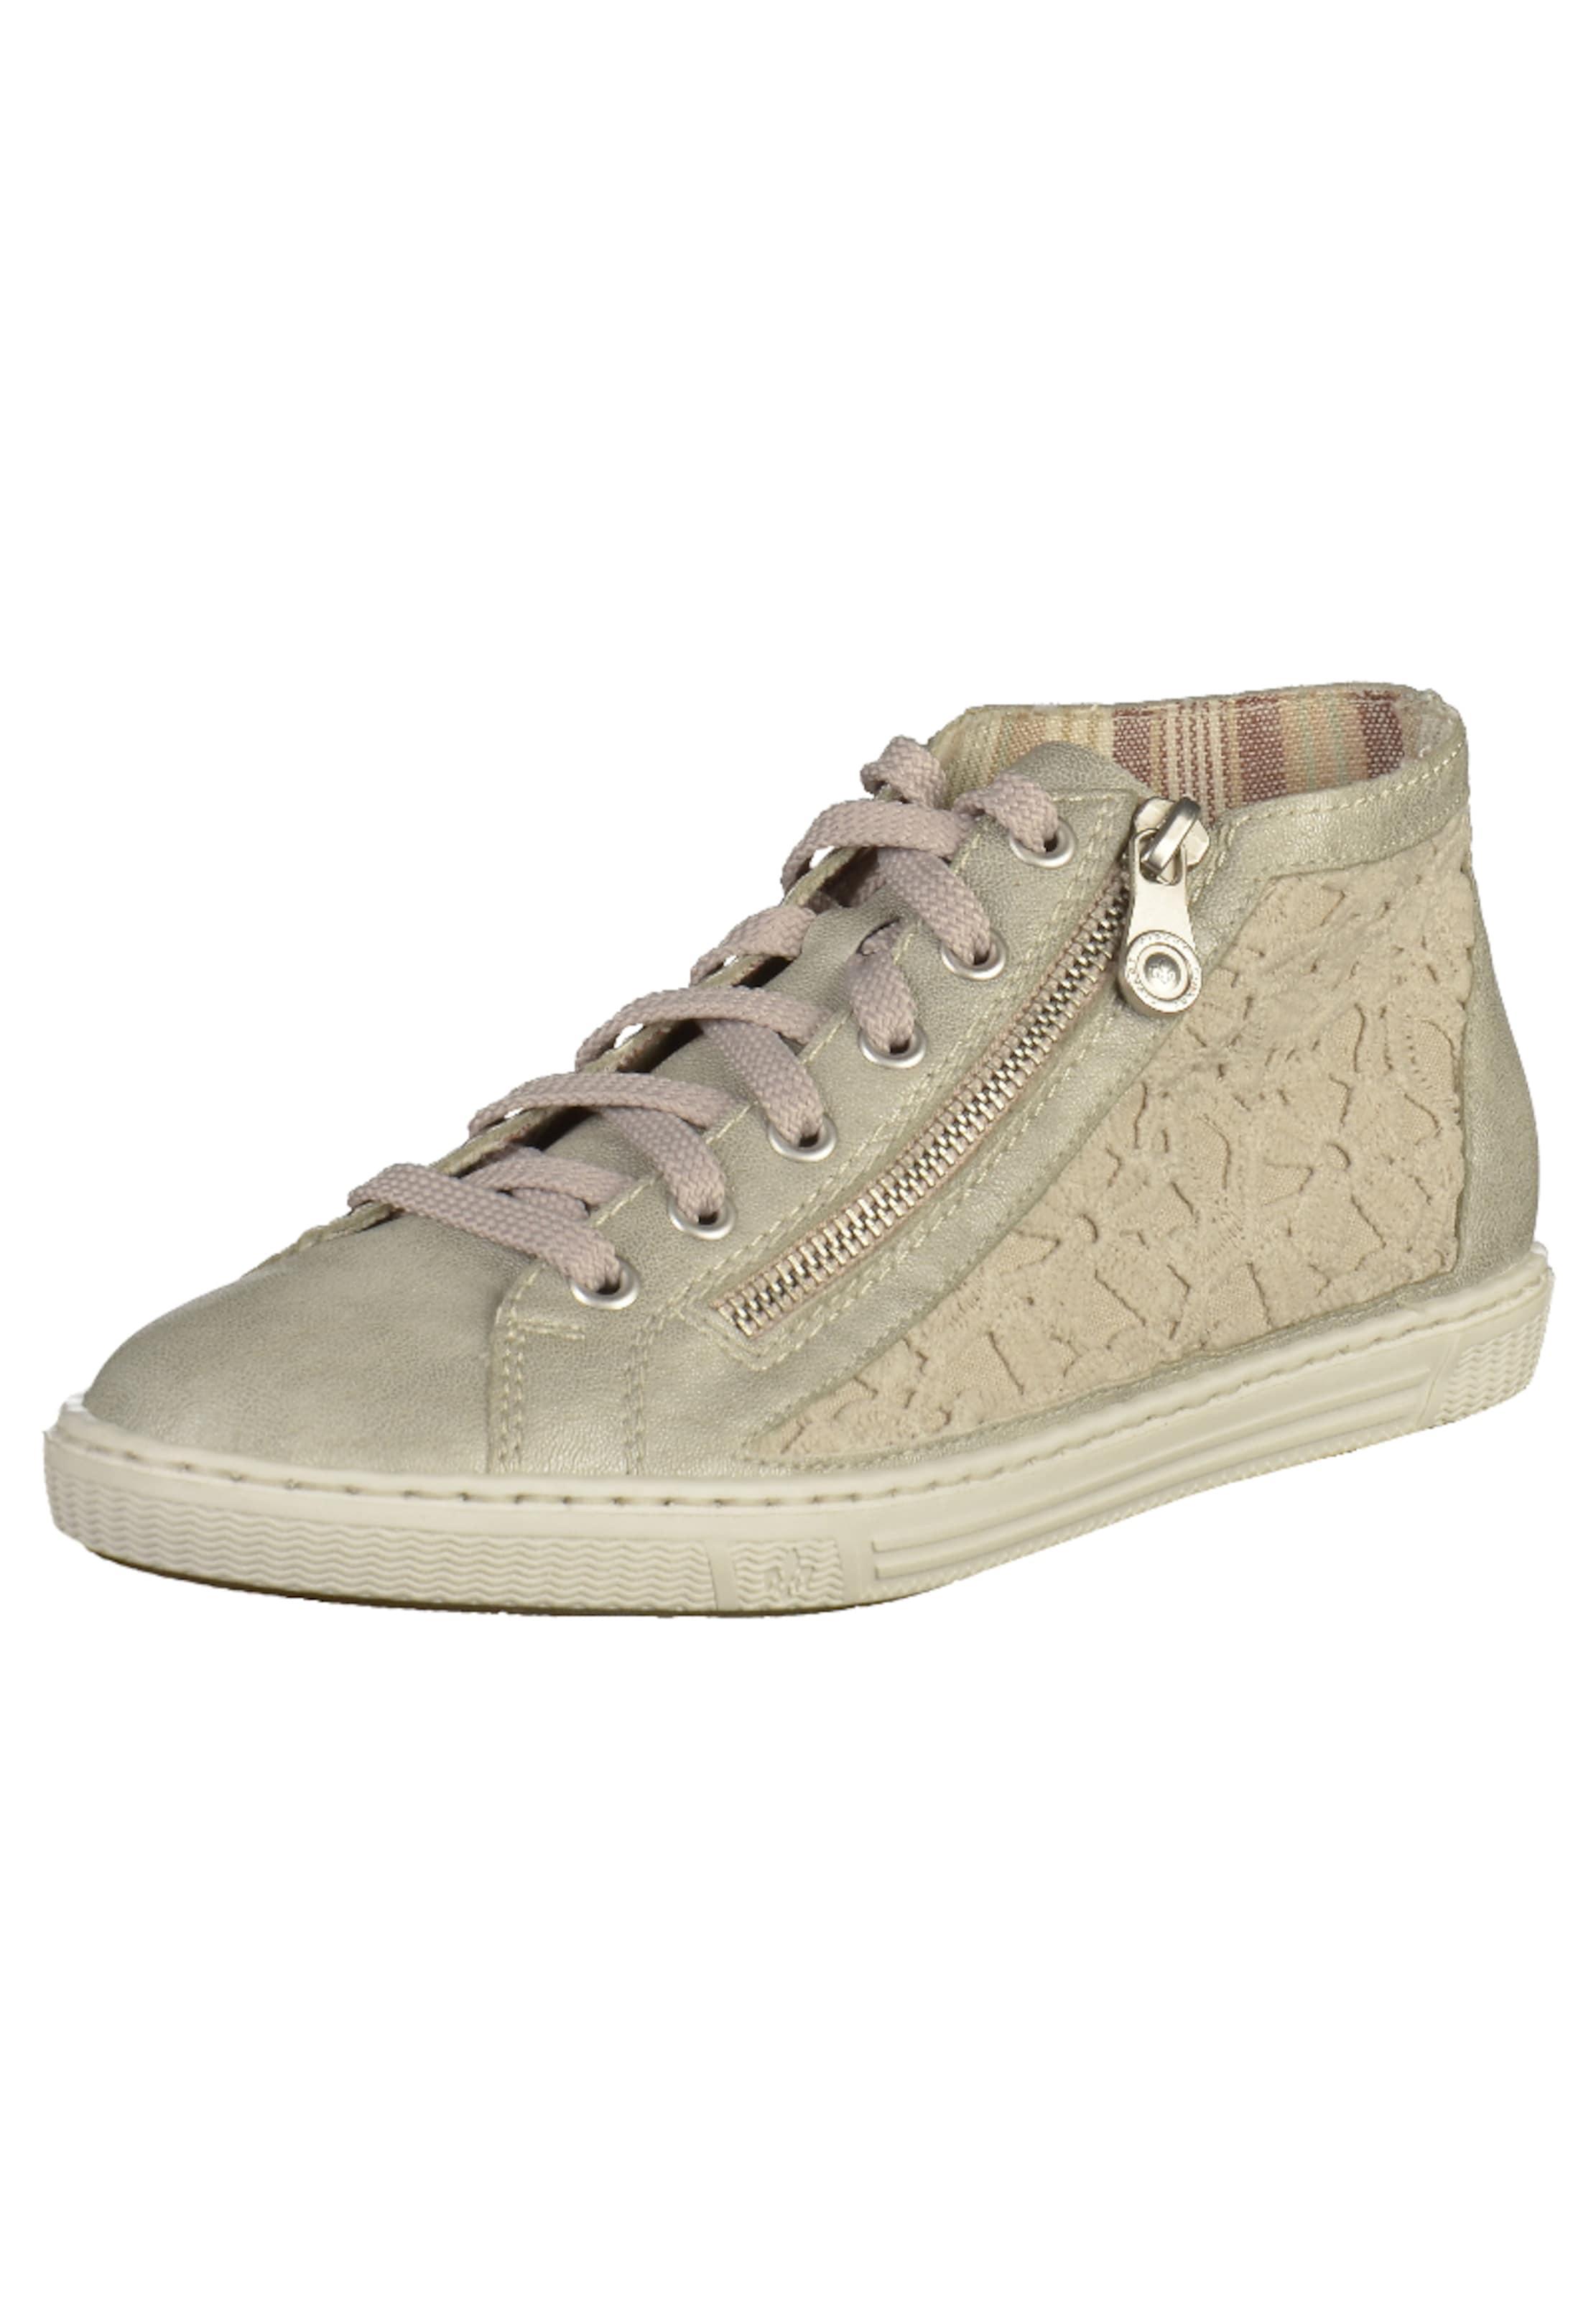 RIEKER Sneakers Günstige und langlebige Schuhe